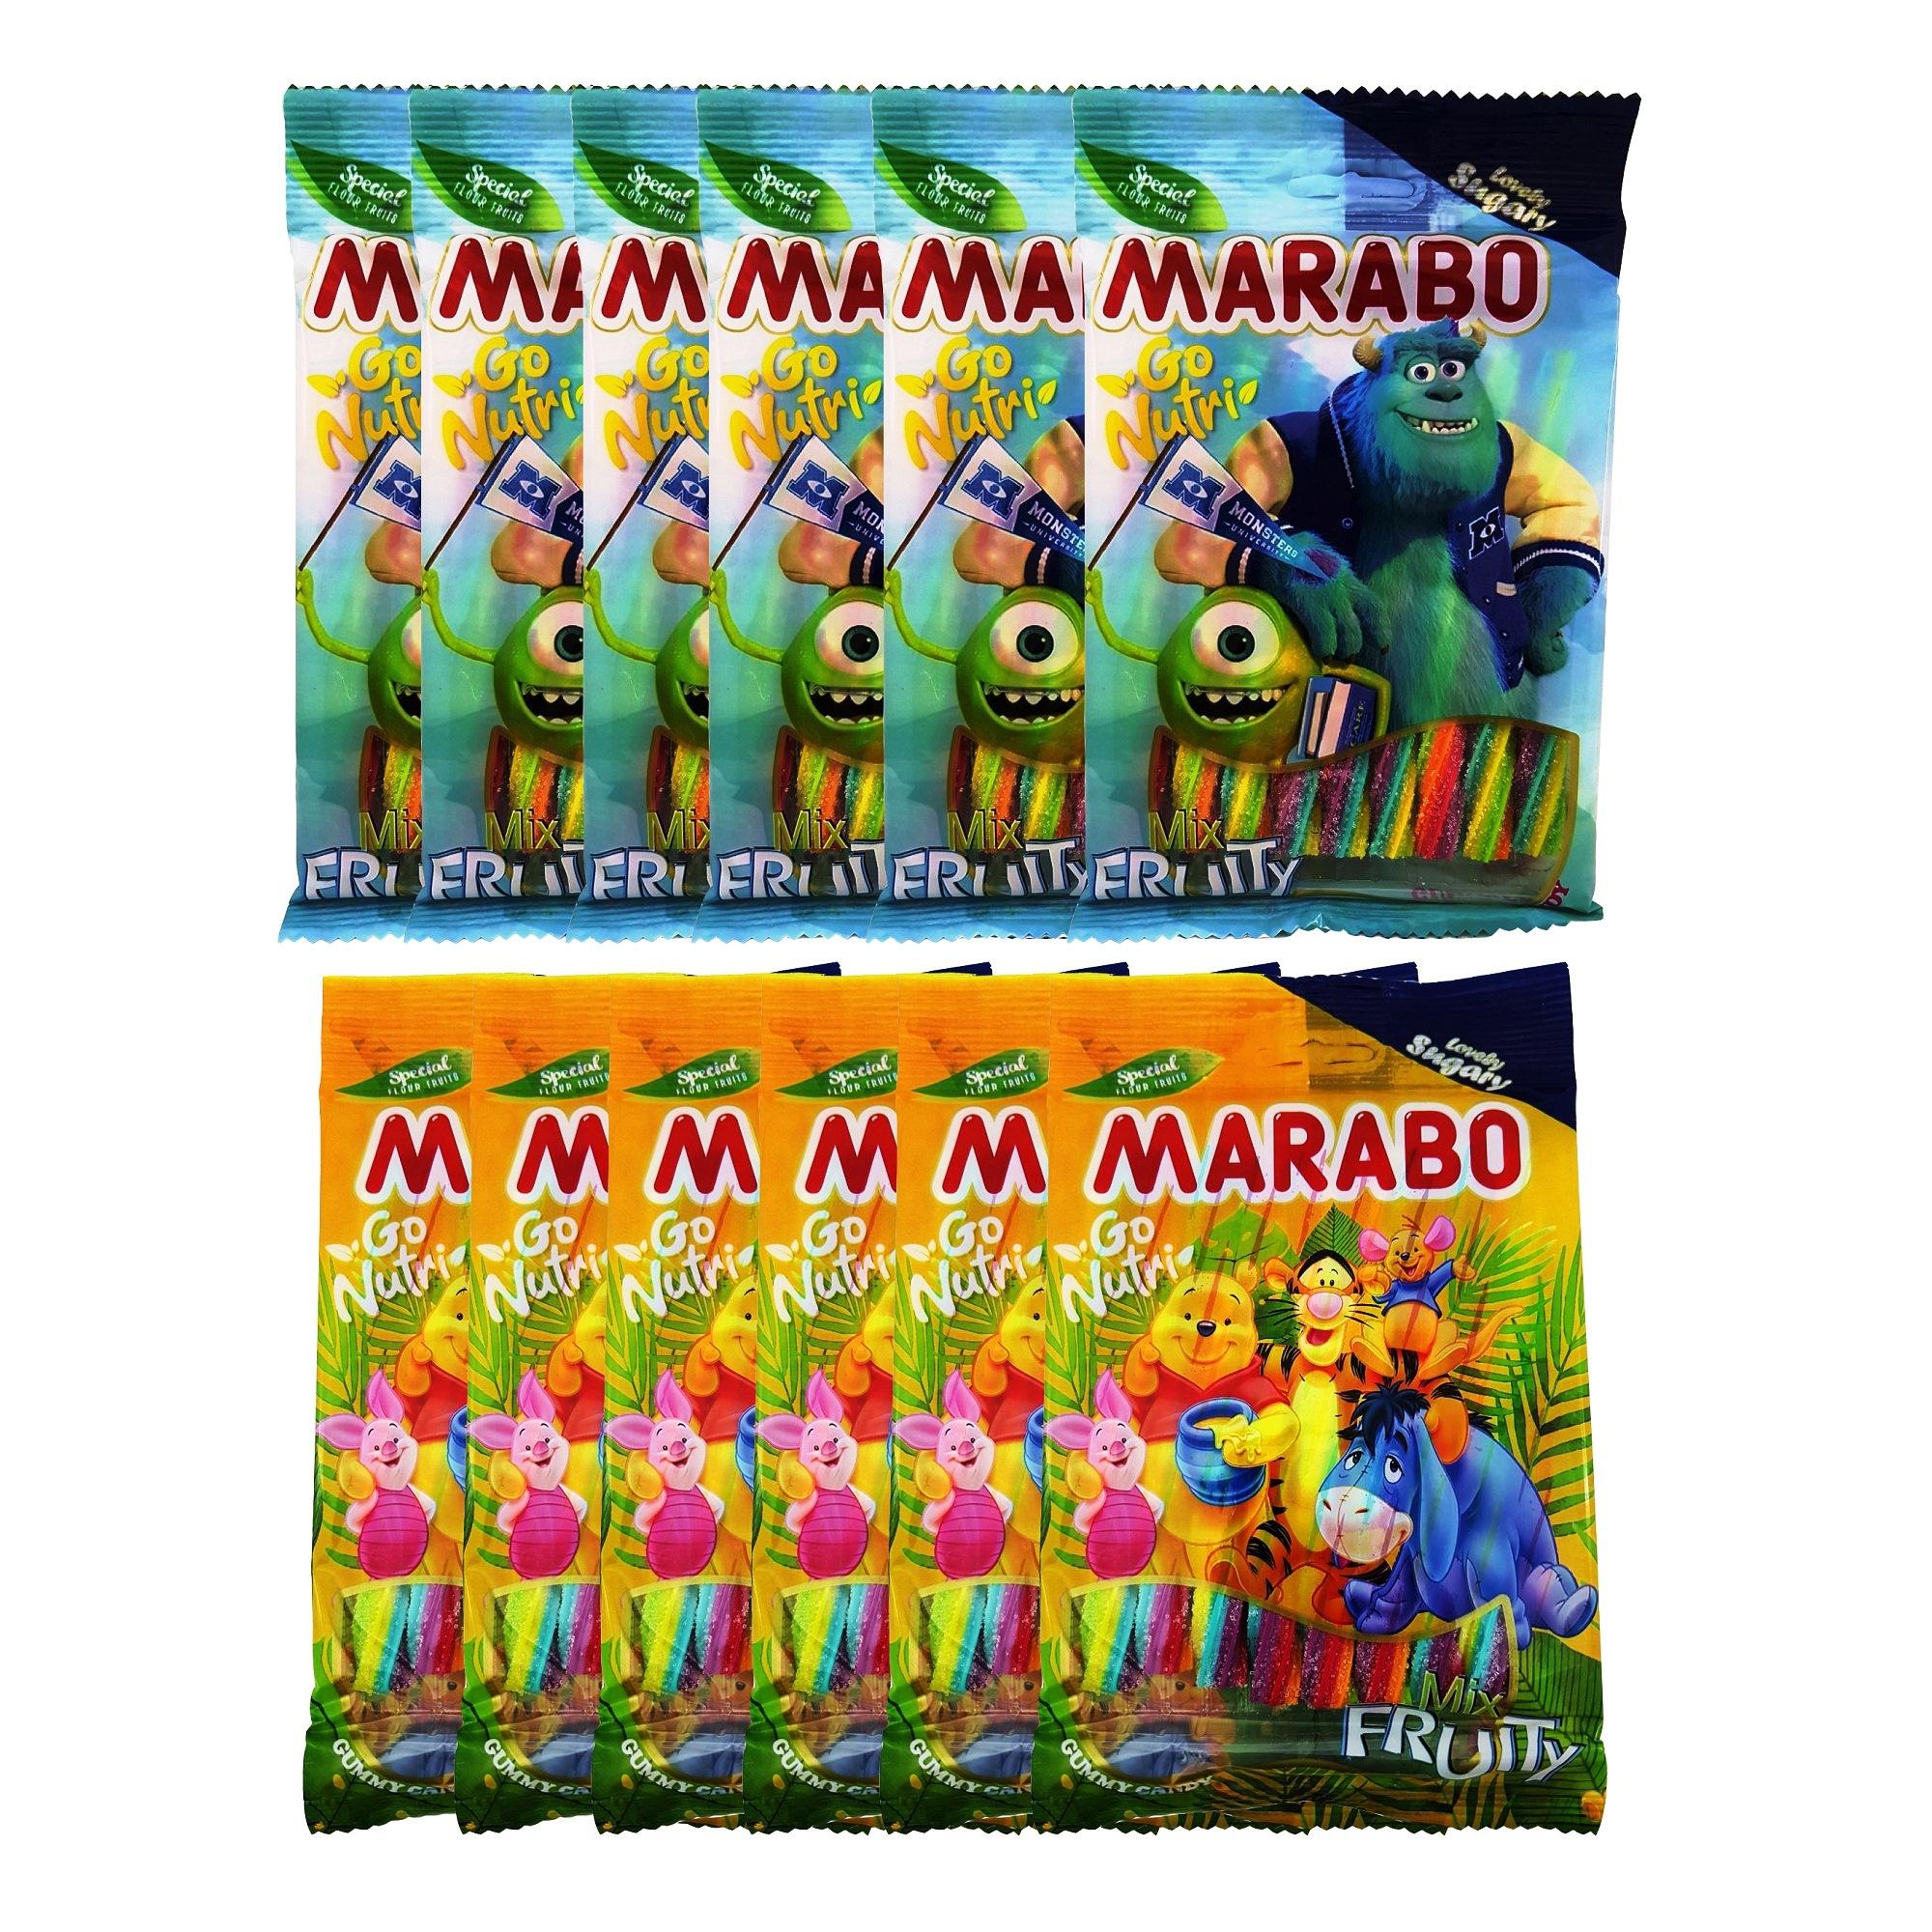 پاستیل شکری لوله ای میوه ای مارابو مقدار 120 گرم بسته 12 عددی